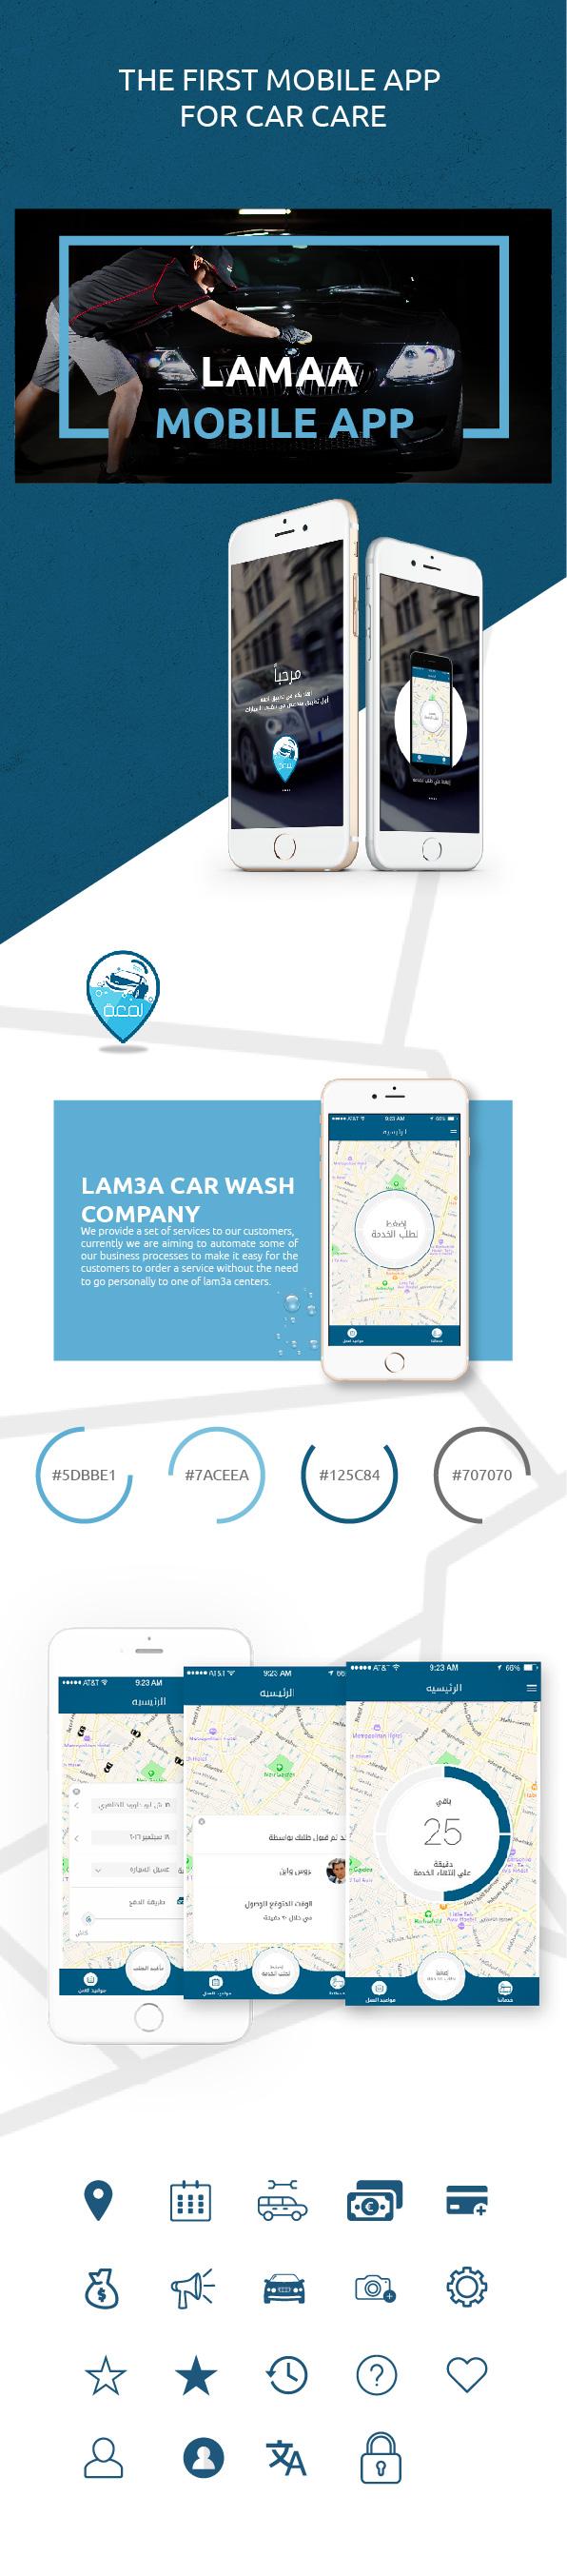 Lamaa Behance Mockup-002-01